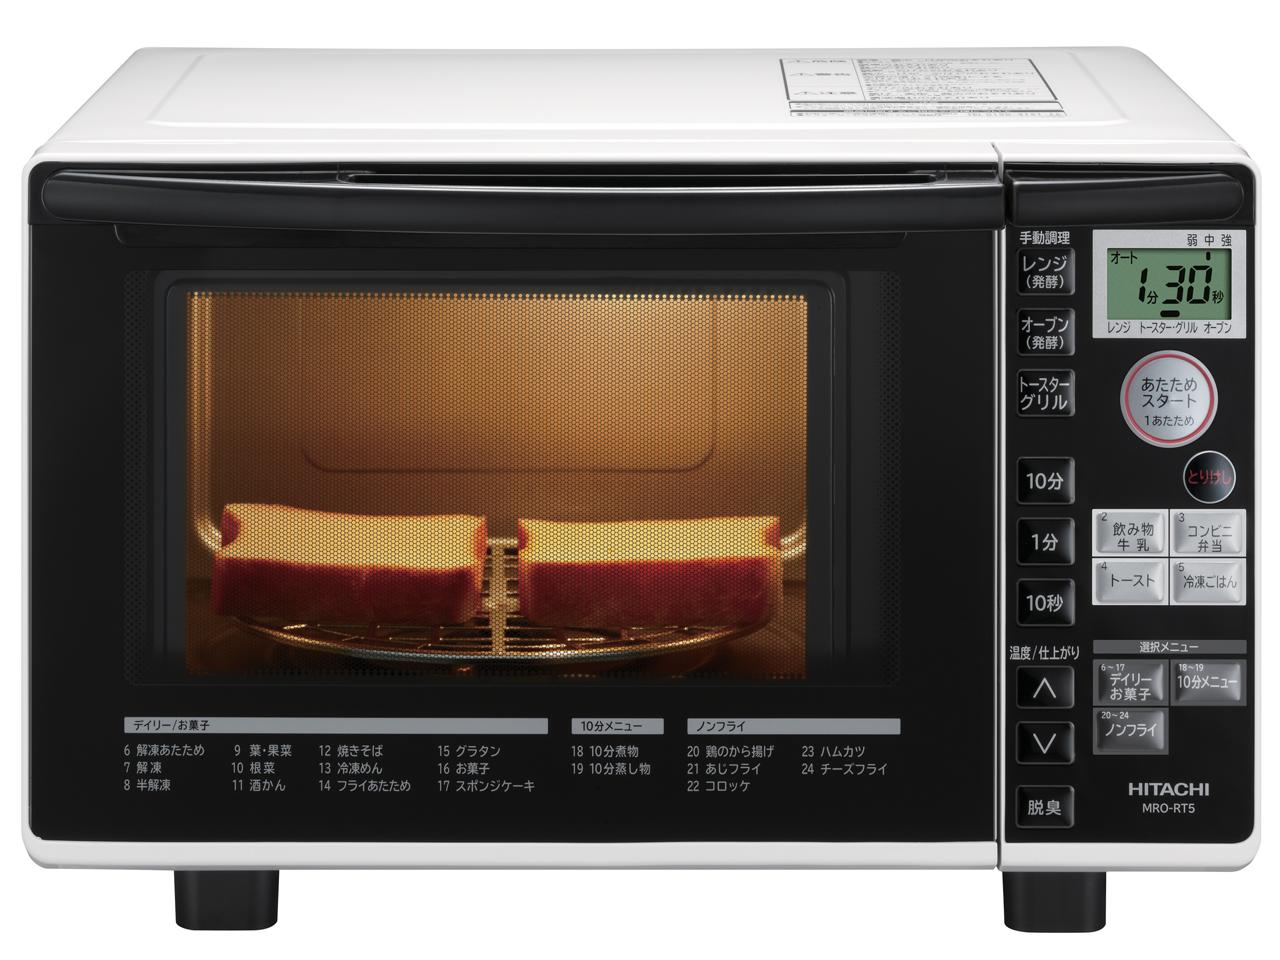 日立 オーブンレンジ 18L パールホワイトHITACHI MRO-RT5-W 【新品】【送料無料】【大型家電-代引不可-キャセル不可-返品不可】